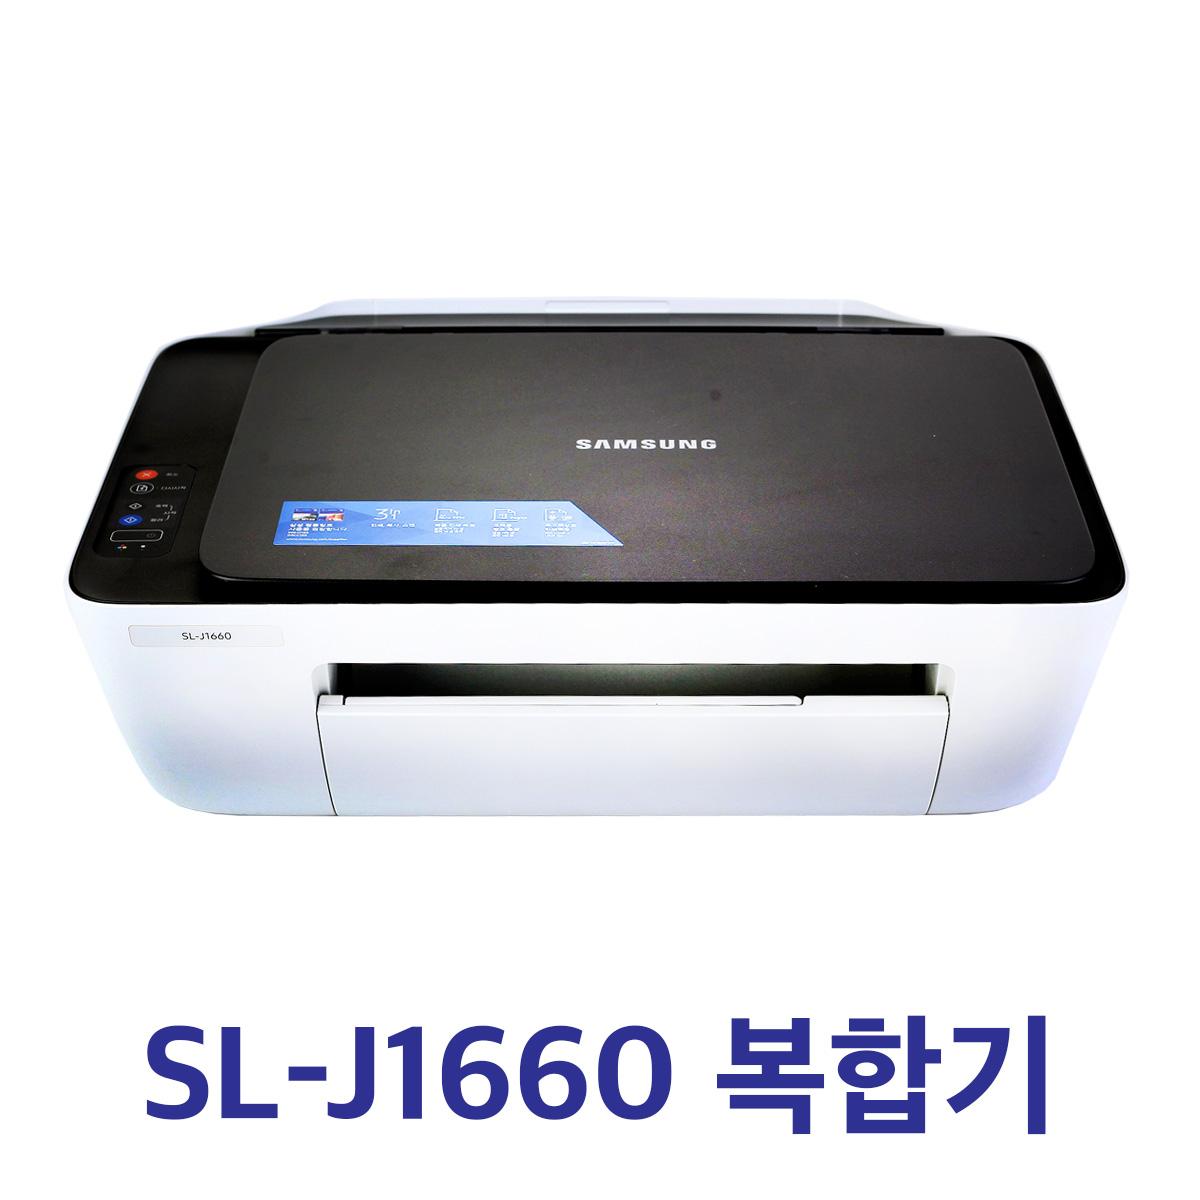 삼성 SL-J1660 가정용프린터 3배 많은 재생잉크포함 잉크젯 복합기, SL-J1660 (재생잉크 포함 검정+컬러)